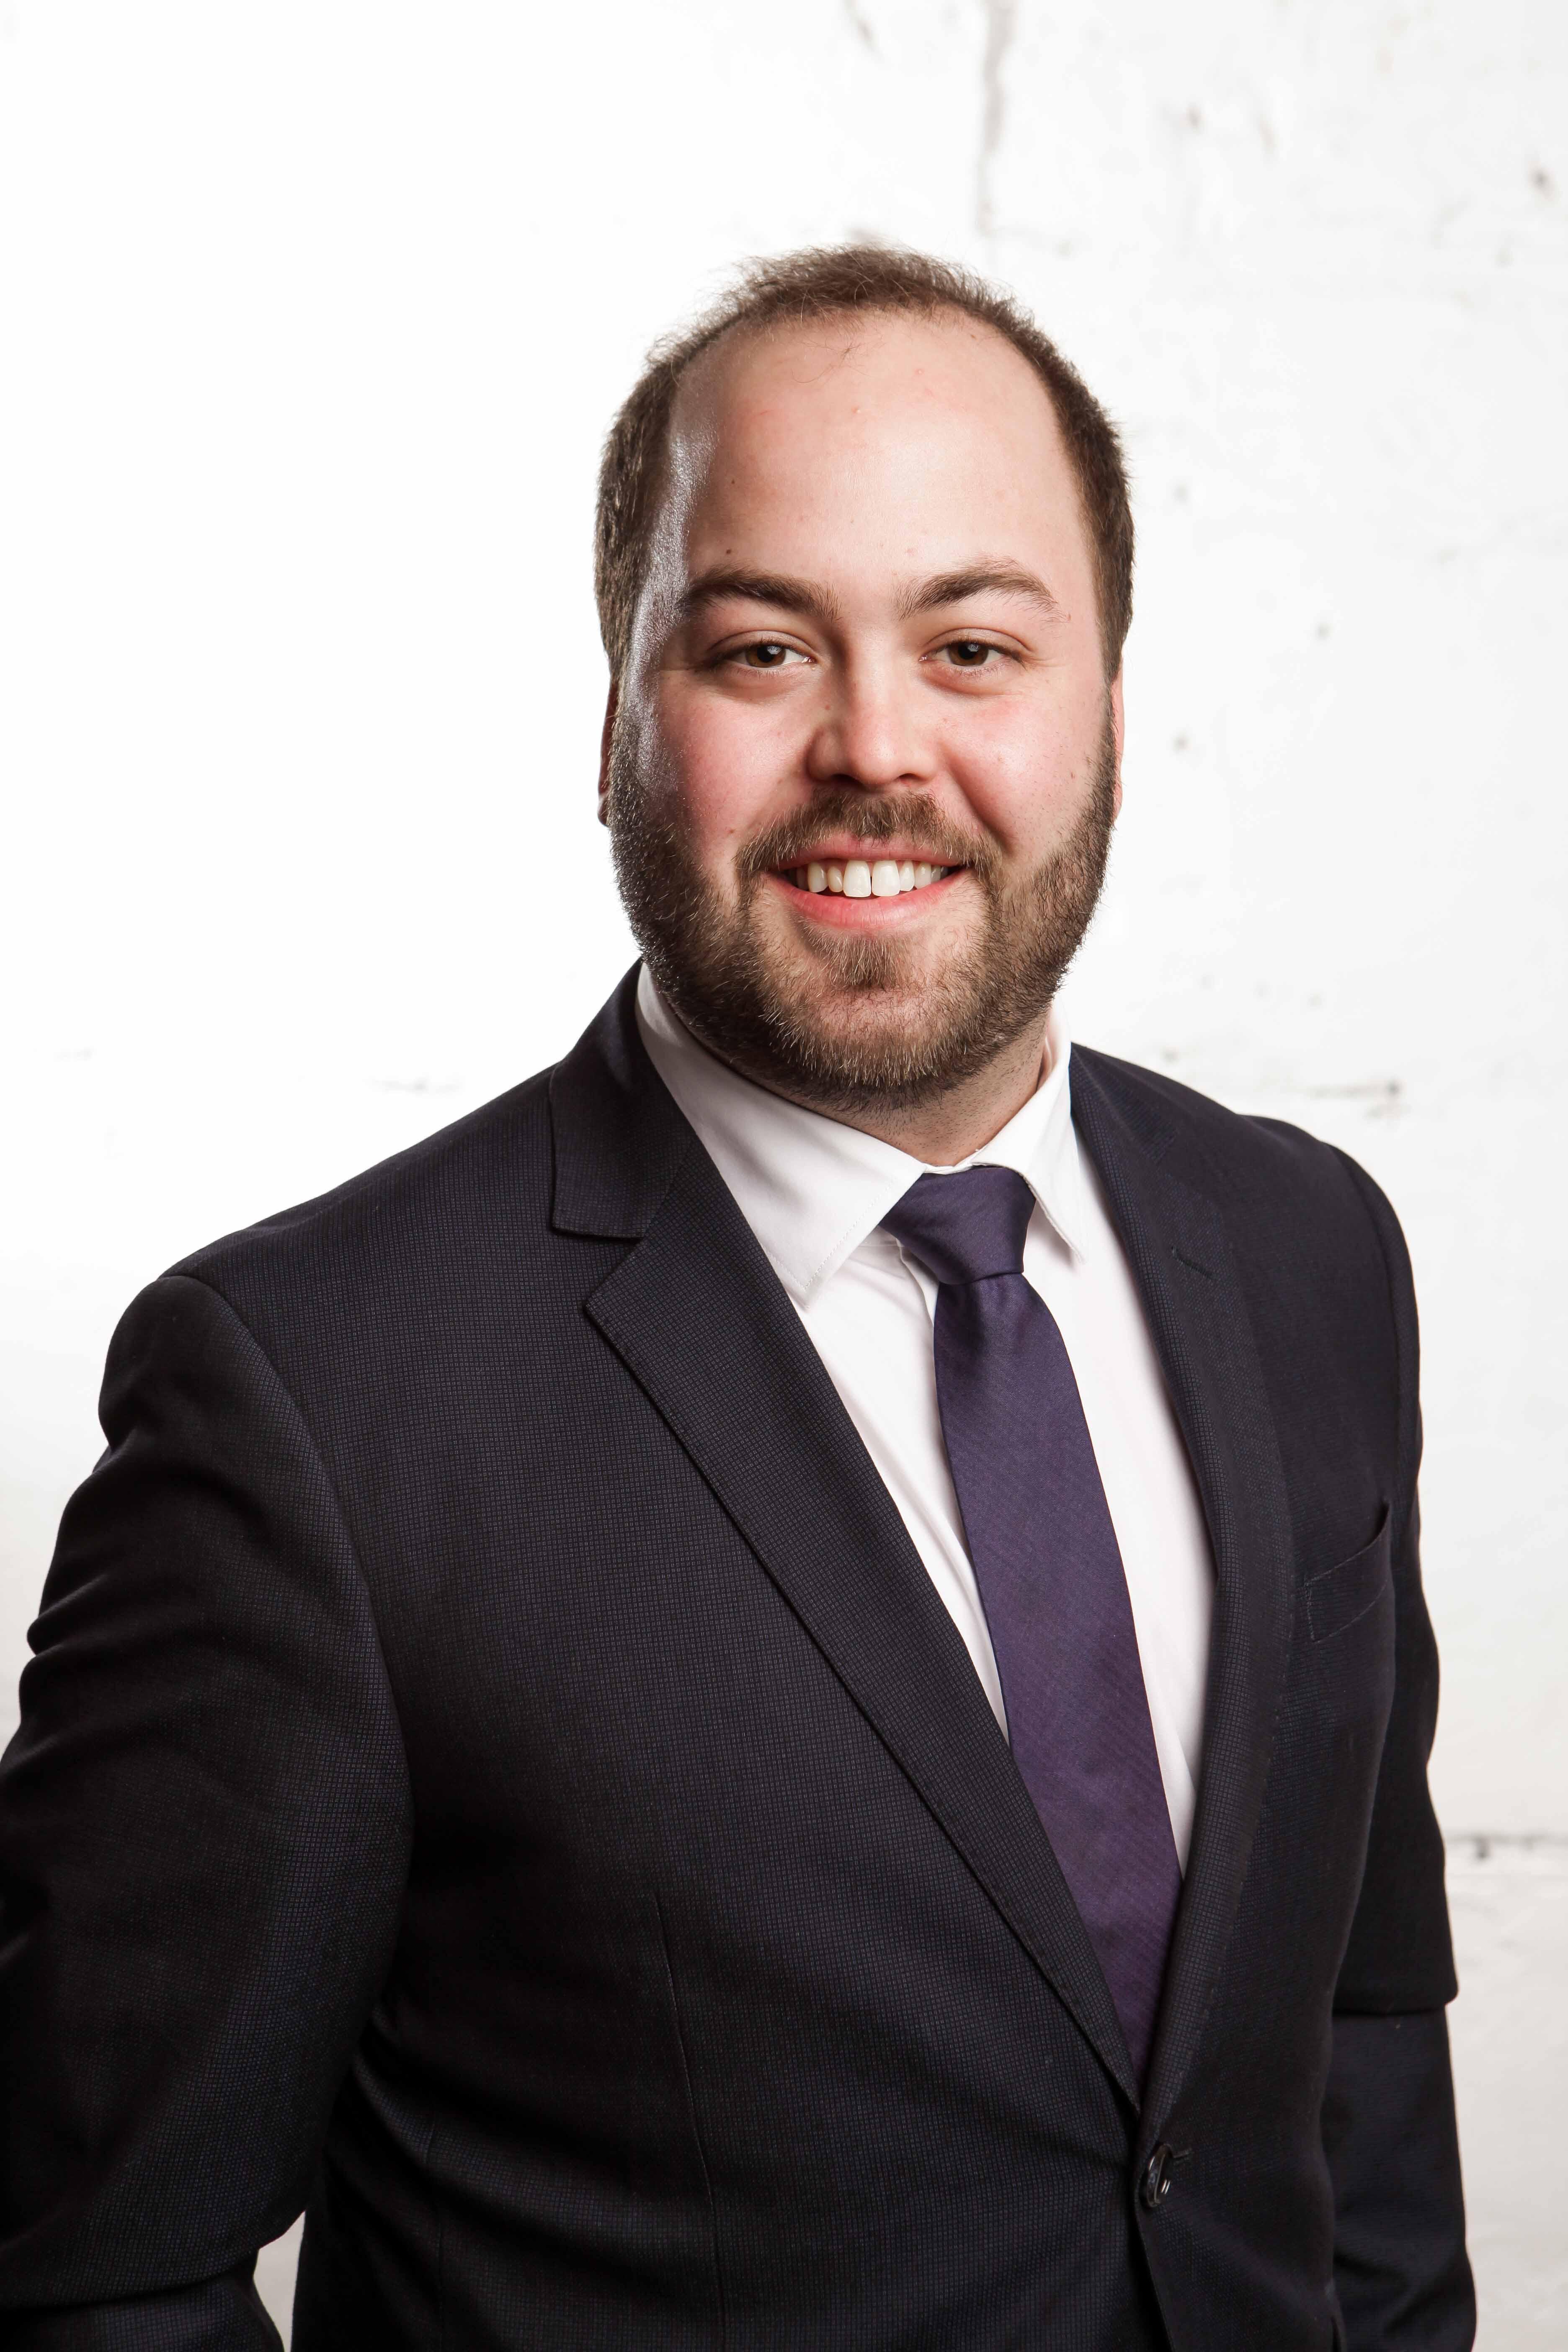 Photo of Colin Allaire